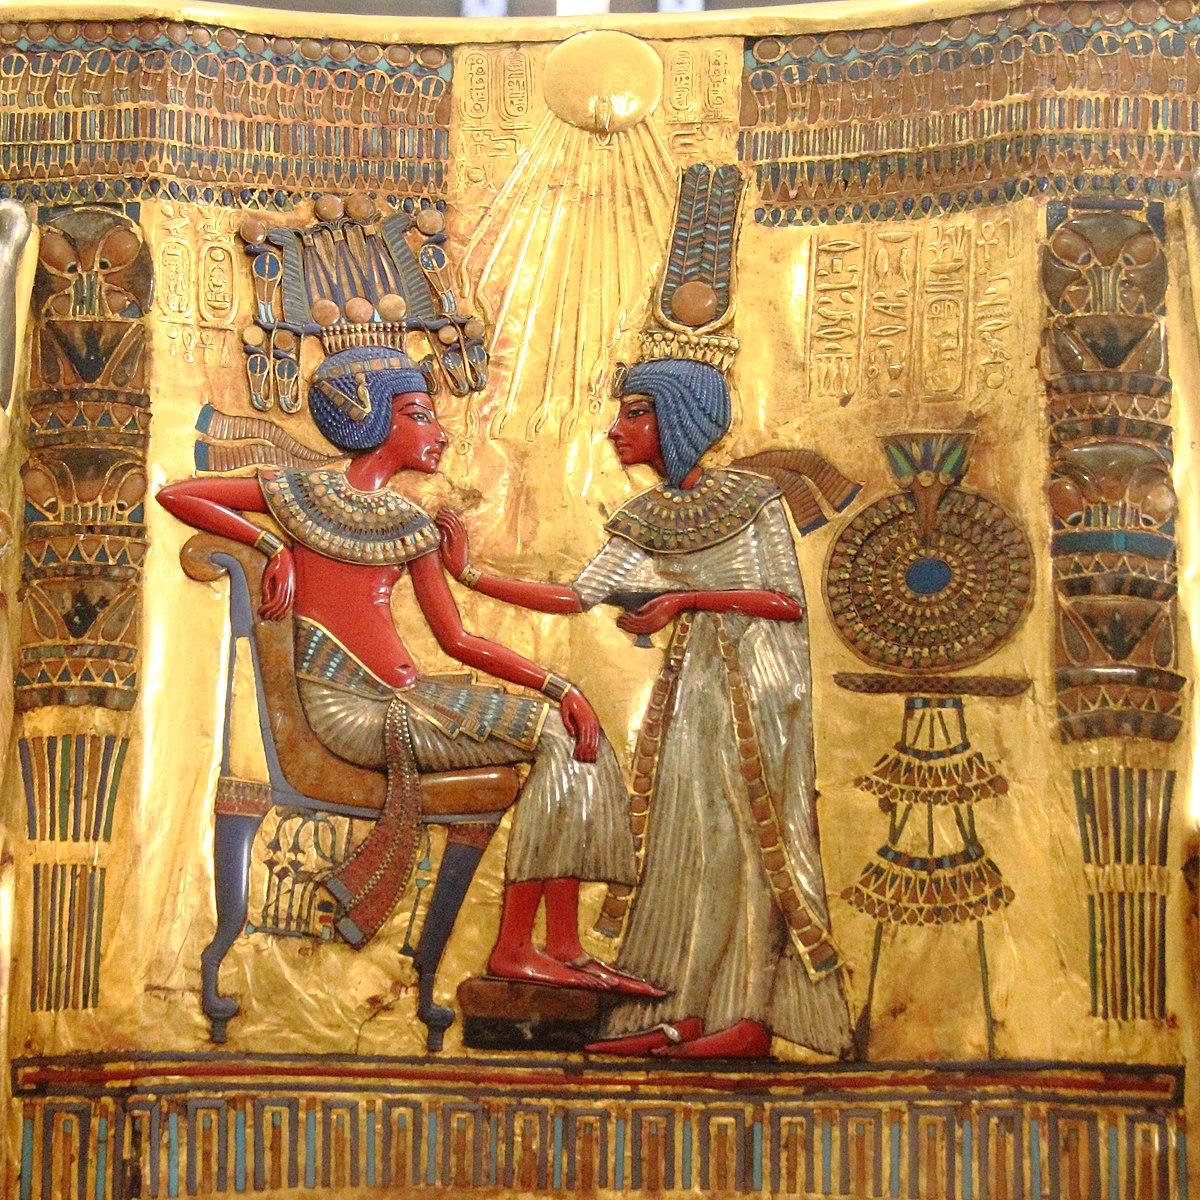 Respaldo del trono de oro de Tutankamon.jpg